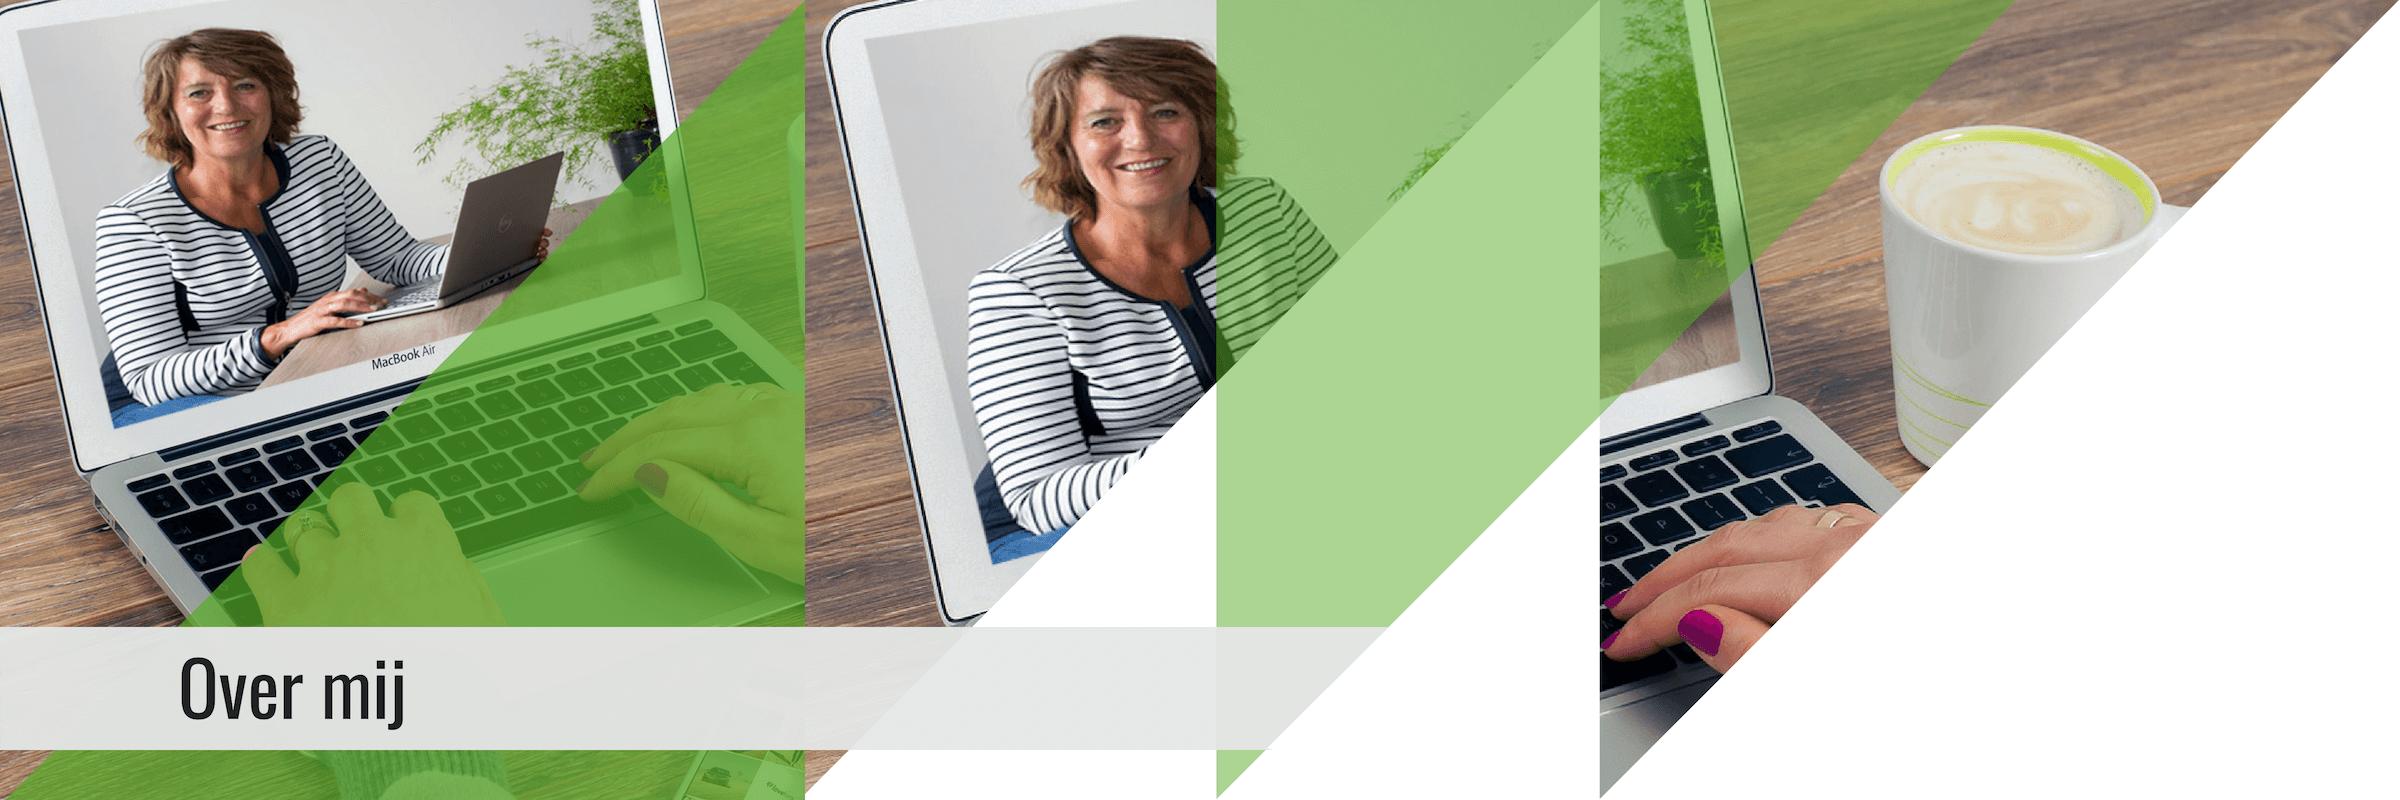 Sinds 2012 begeleidt, traint en ontzorgt ConMar ondernemers en hun werknemers die zijn opgegroeid in een tijd zonder computers en internet.